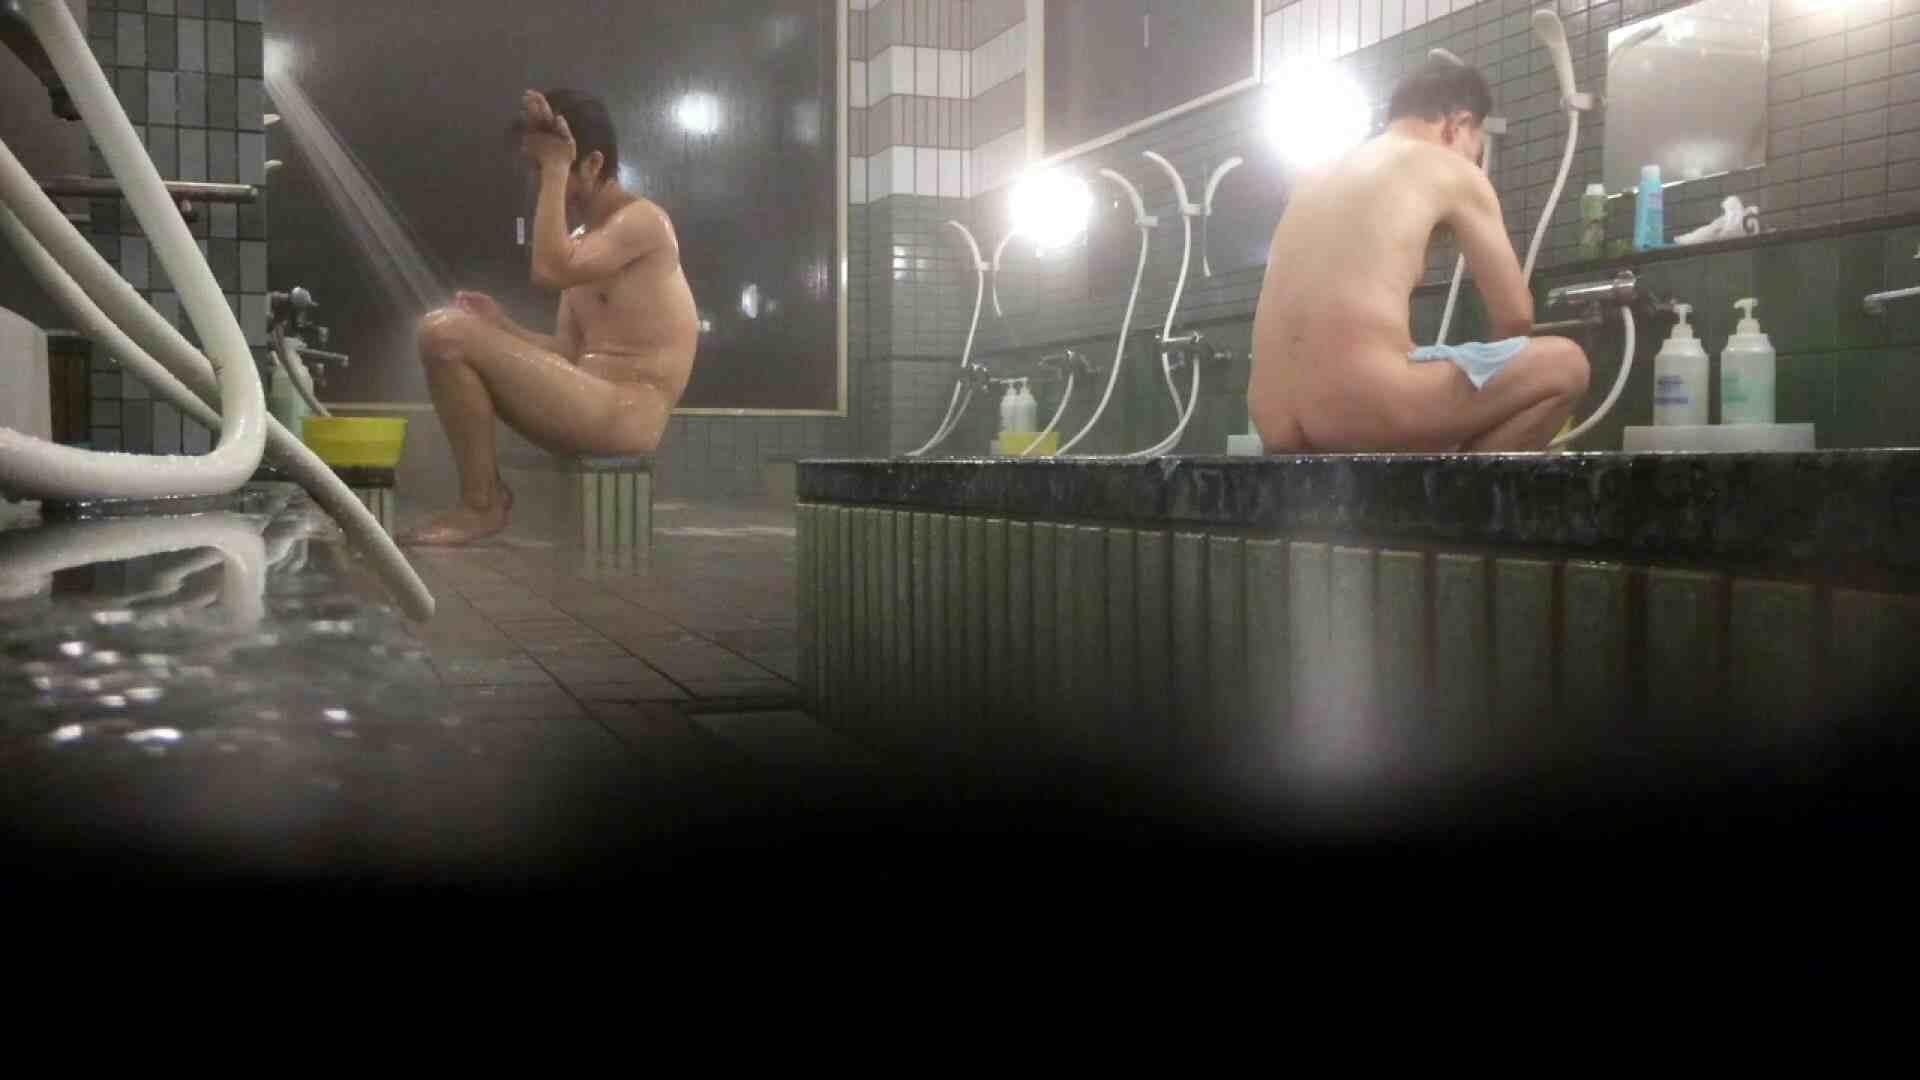 行くぜ!がっつり男風呂!Vol.07 裸 | 男天国  109pic 20